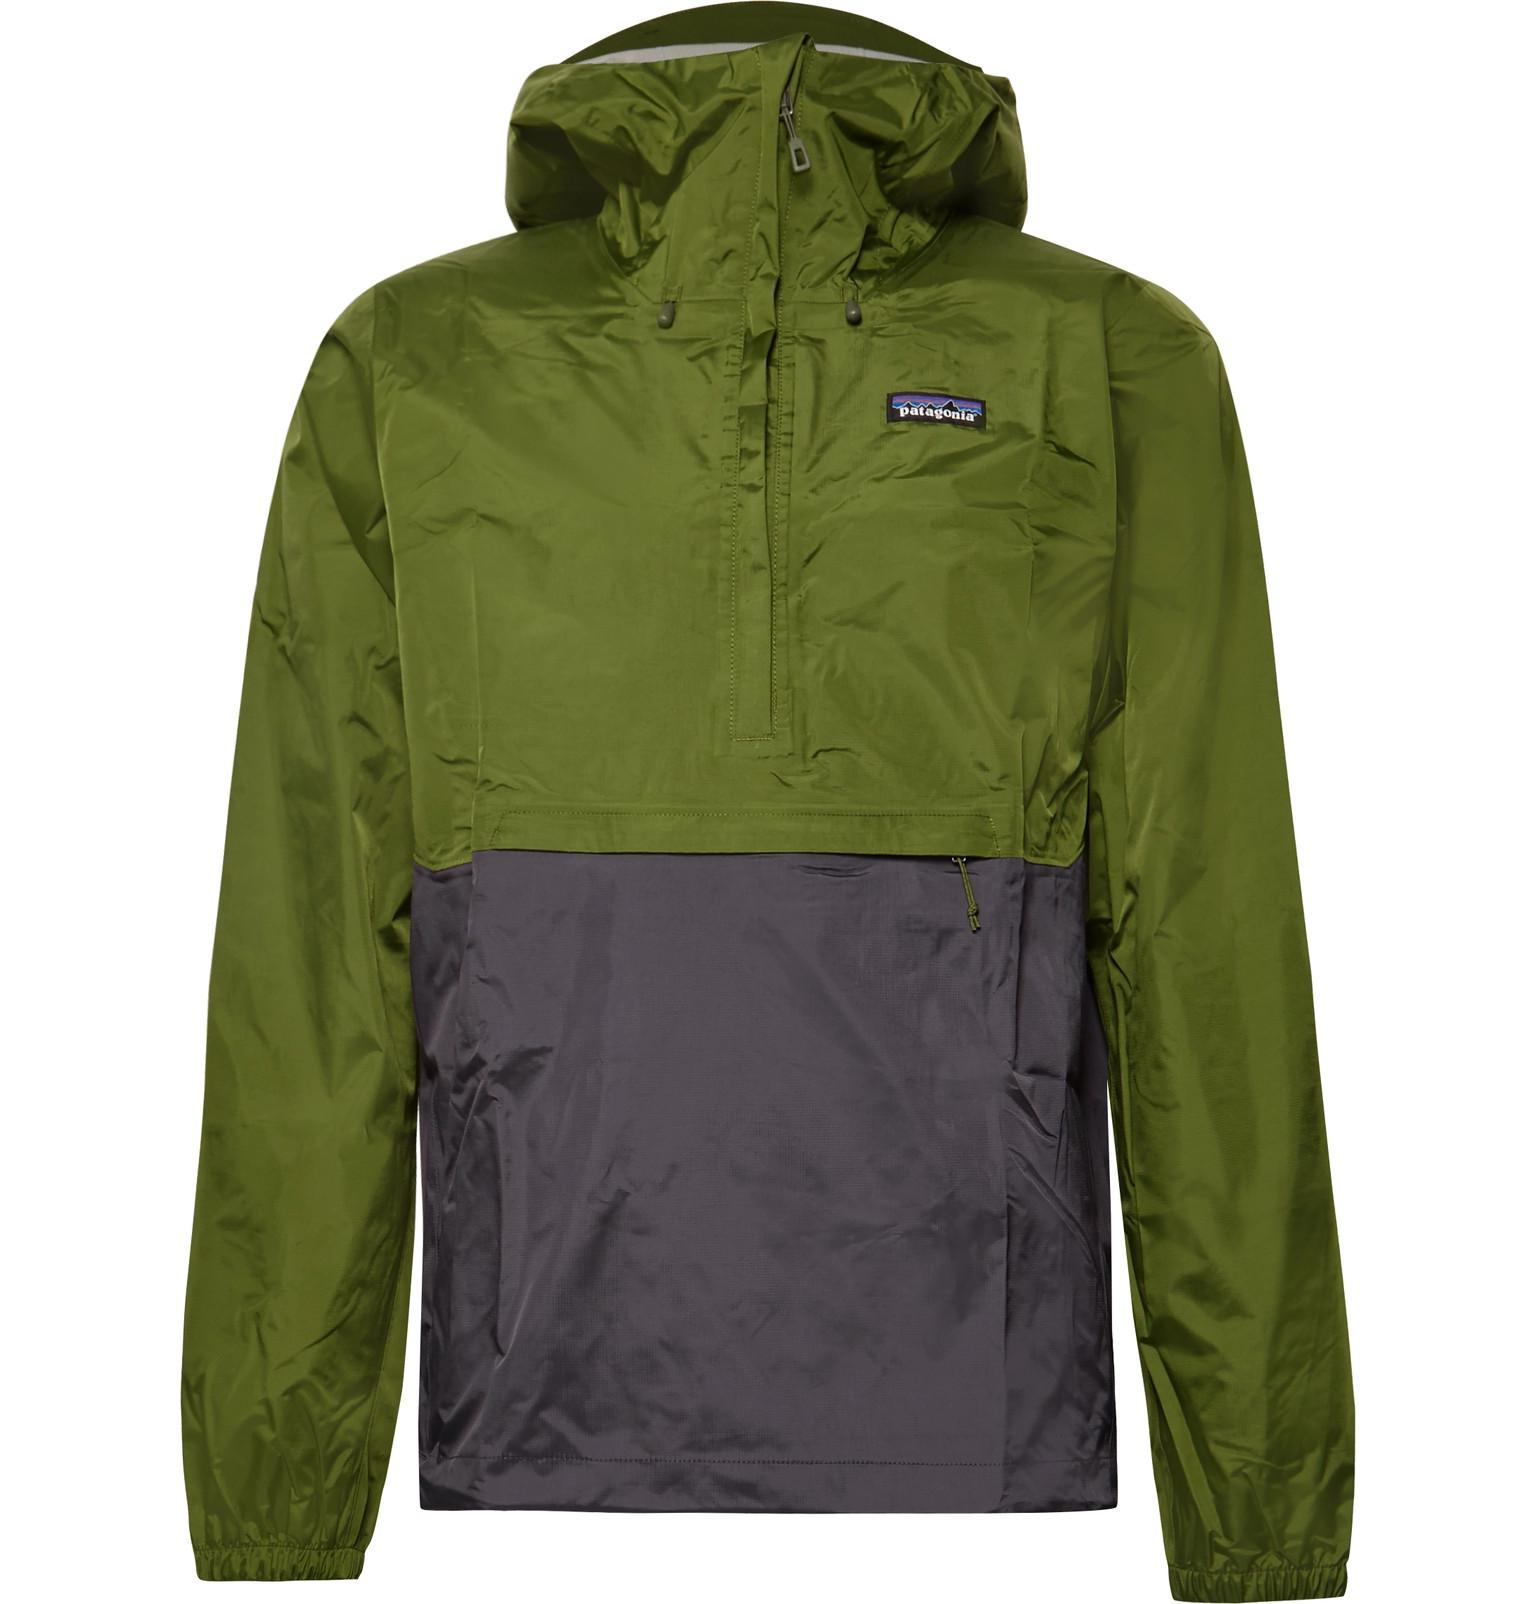 Patagonia Torrentshell Waterproof H2no Performance Standard Ripstop Hooded Jacket - Green HECxBHOR